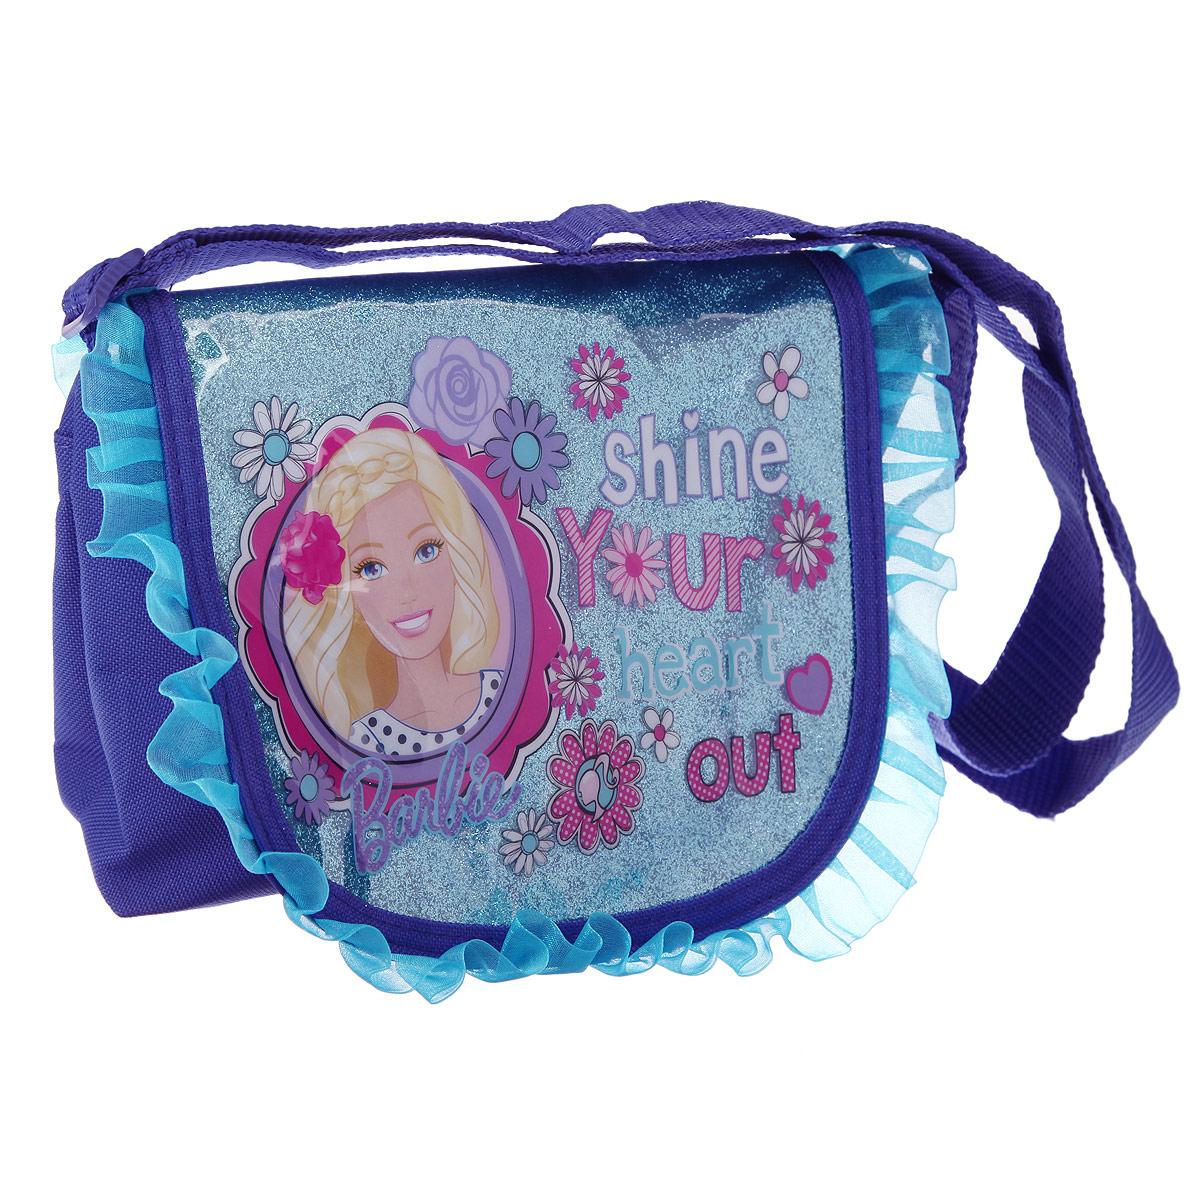 Стильная детская сумочка Barbie, оформленная изображением известной игрушки Барби, несомненно, понравится вашей малышке. Сумочка имеет одно вместительное отделение, закрывающееся на металлическую застежку-молнию и перекидной клапан на липучках, что дает элегантность и дополнительную сохранность содержимого сумочки. Клапан оформлен каймой-рюшкой и вставкой с блестками, которые покрывает защитный слой ПВХ. Сумочка оснащена регулируемым по длине ремнем для переноски, благодаря чему подойдет детям любого роста. Каждая юная поклонница популярной серии игрушек, будет рада такому аксессуару.   Предназначено для детей 7-10 лет.